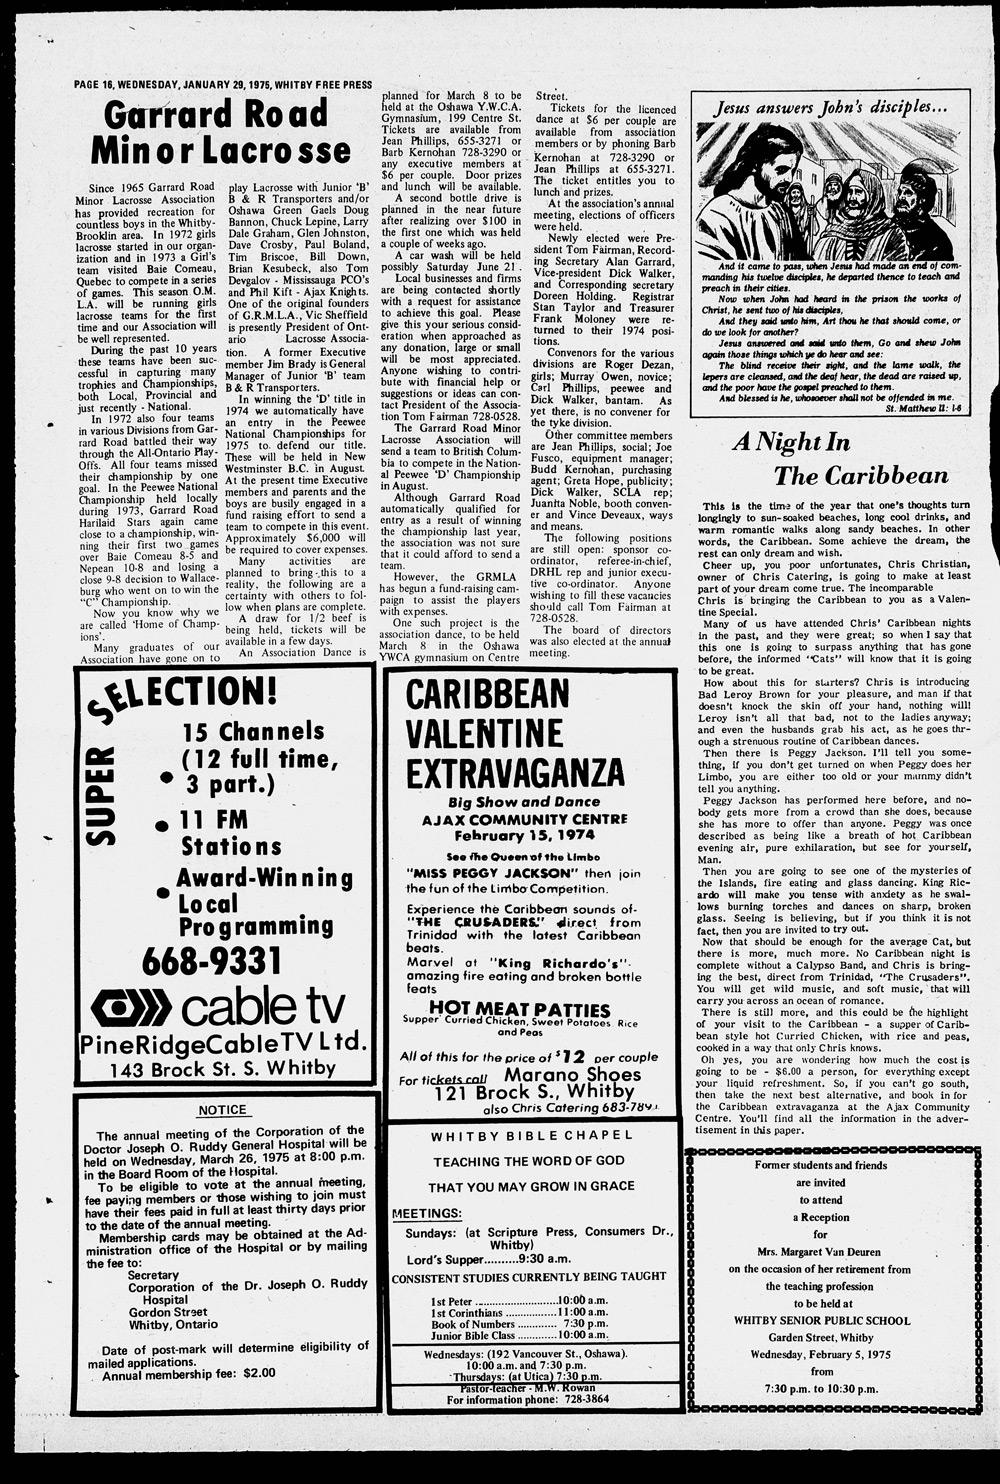 Whitby Free Press, 29 Jan 1975